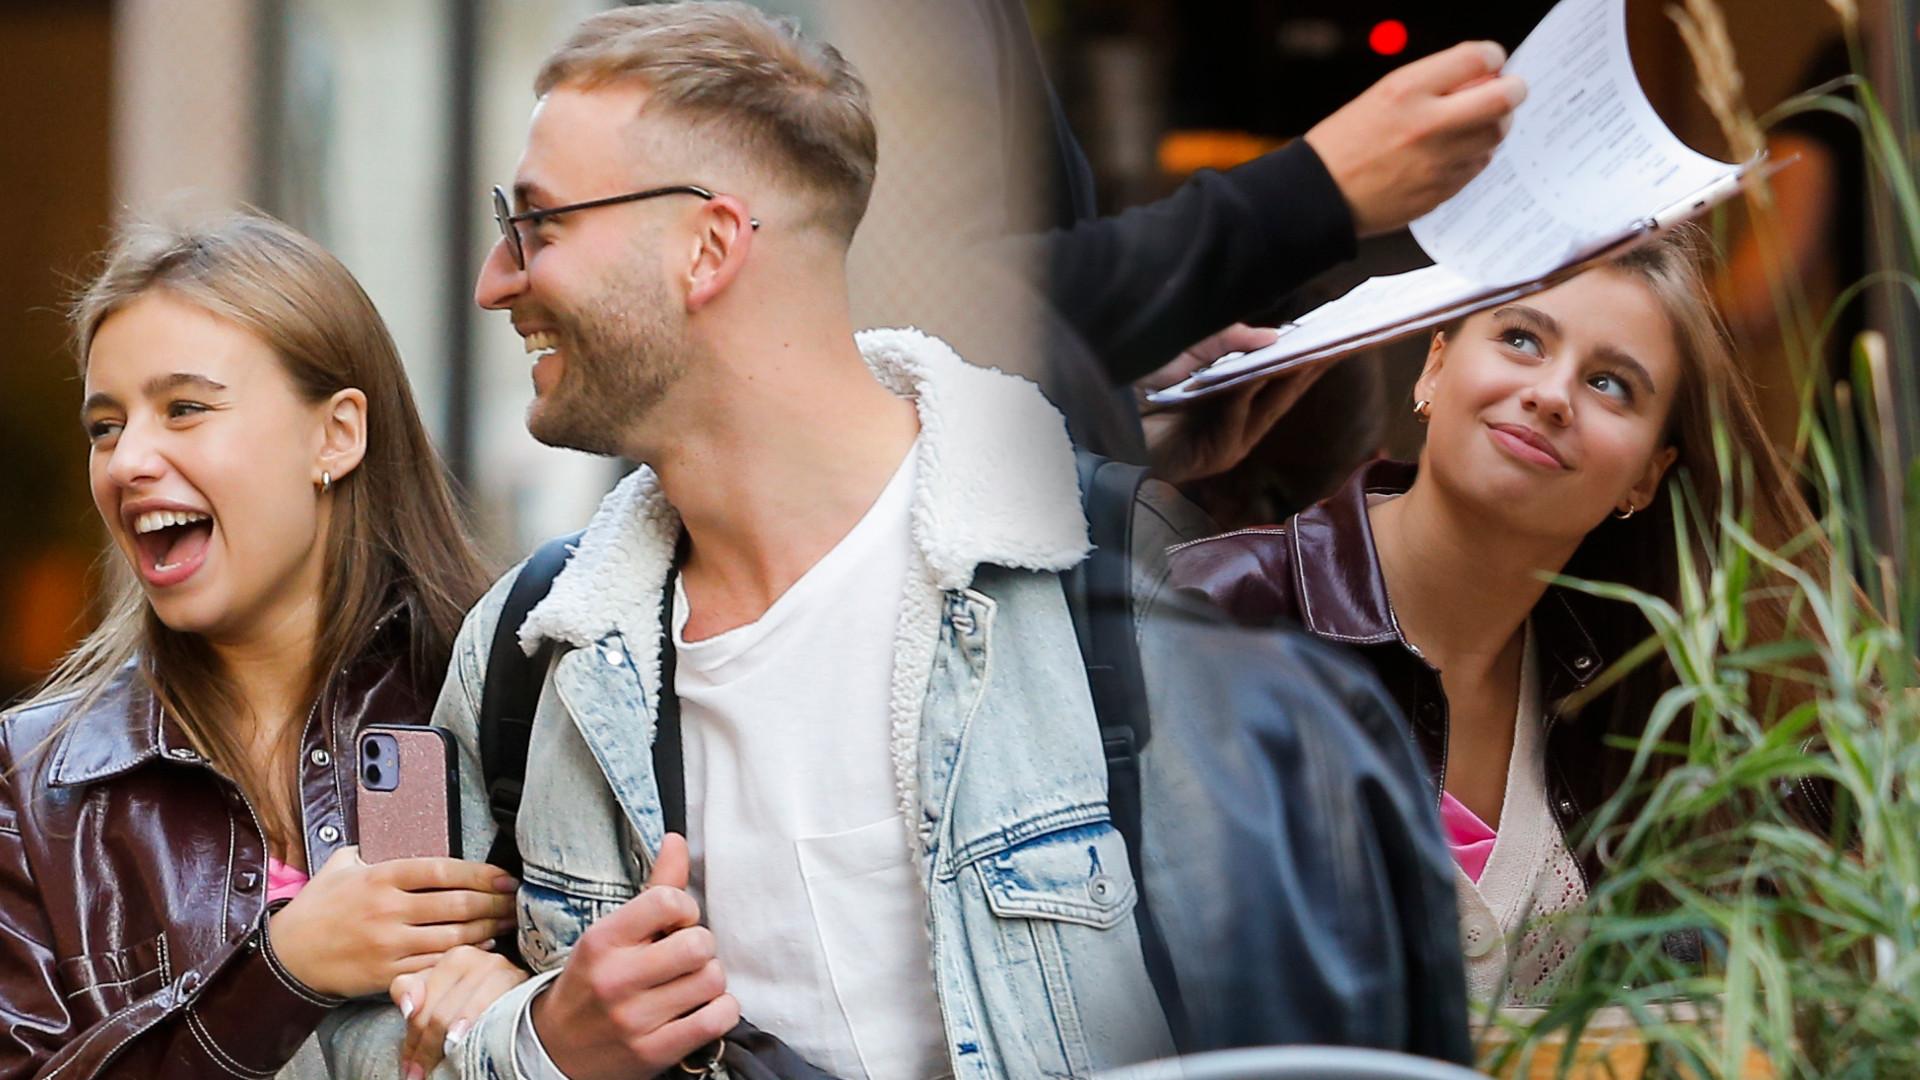 Oliwia Bieniuk i Michał Bartkiewicz relaksują się w restauracji przed pierwszym odcinkiem tanecznego show (ZDJĘCIA)